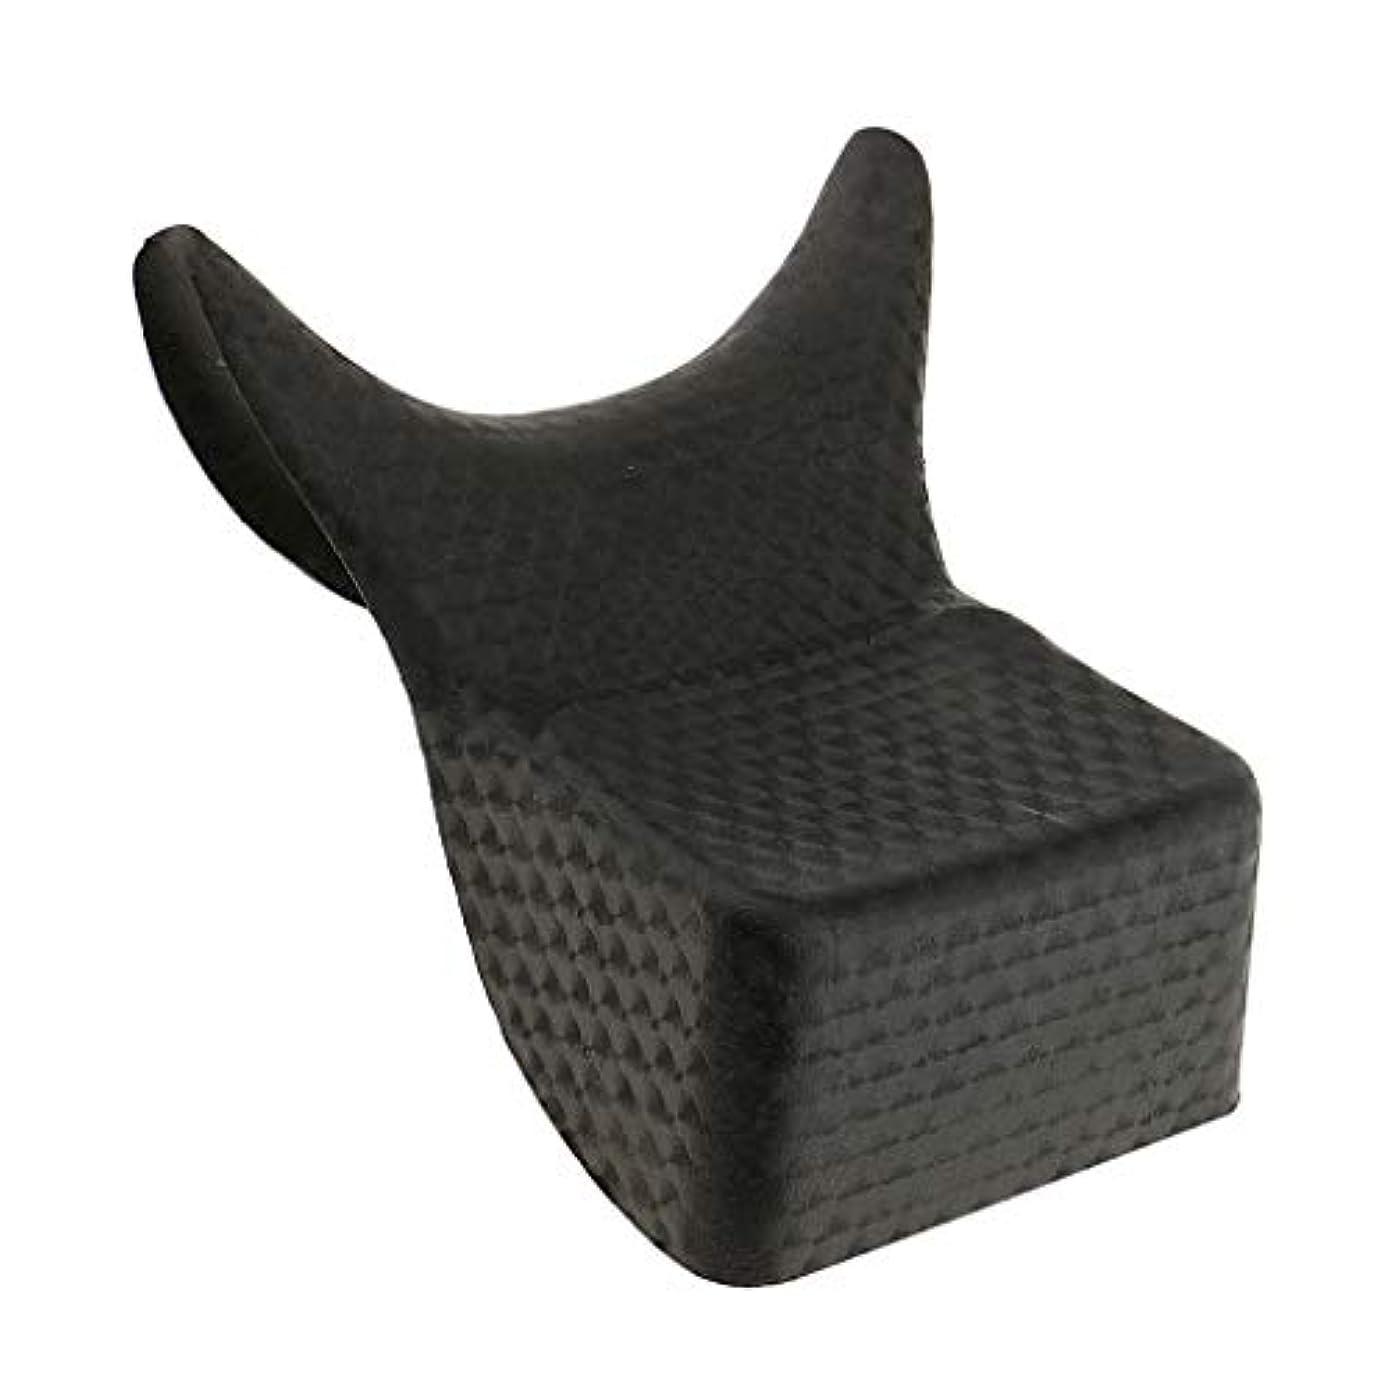 一時停止独占IPOTCH シャンプー ボウル ネッククッション サロン ヘア アクセサリー PVC